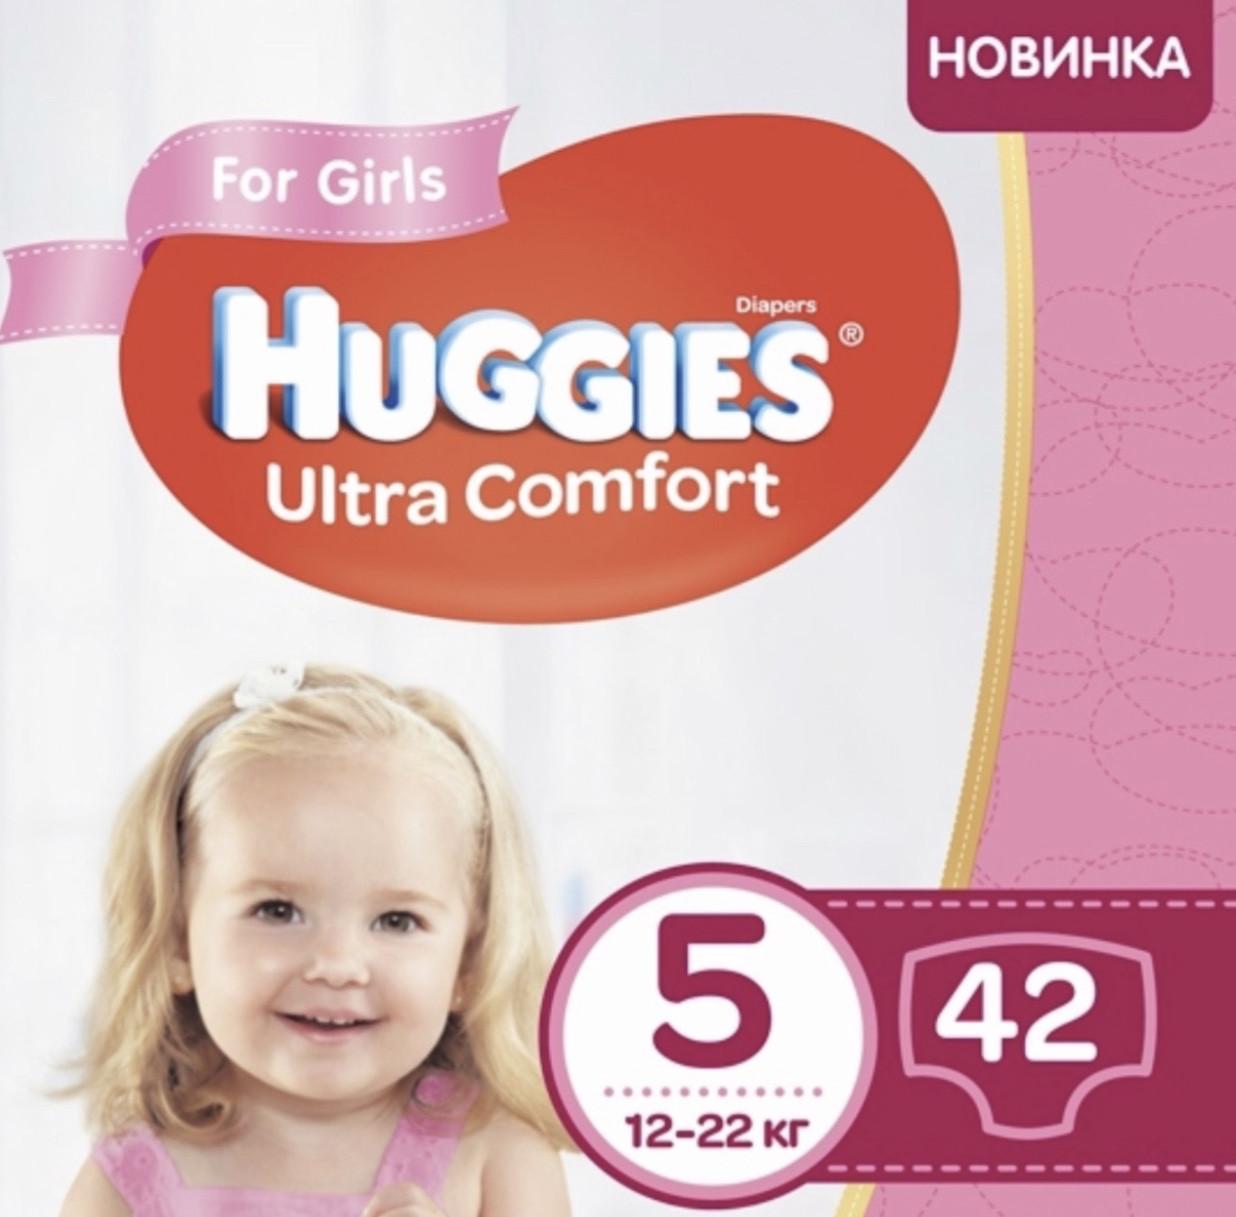 Подгузники Huggies Ultra Comfort Jumbo для девочек Размер 5 (12-22кг)42 шт